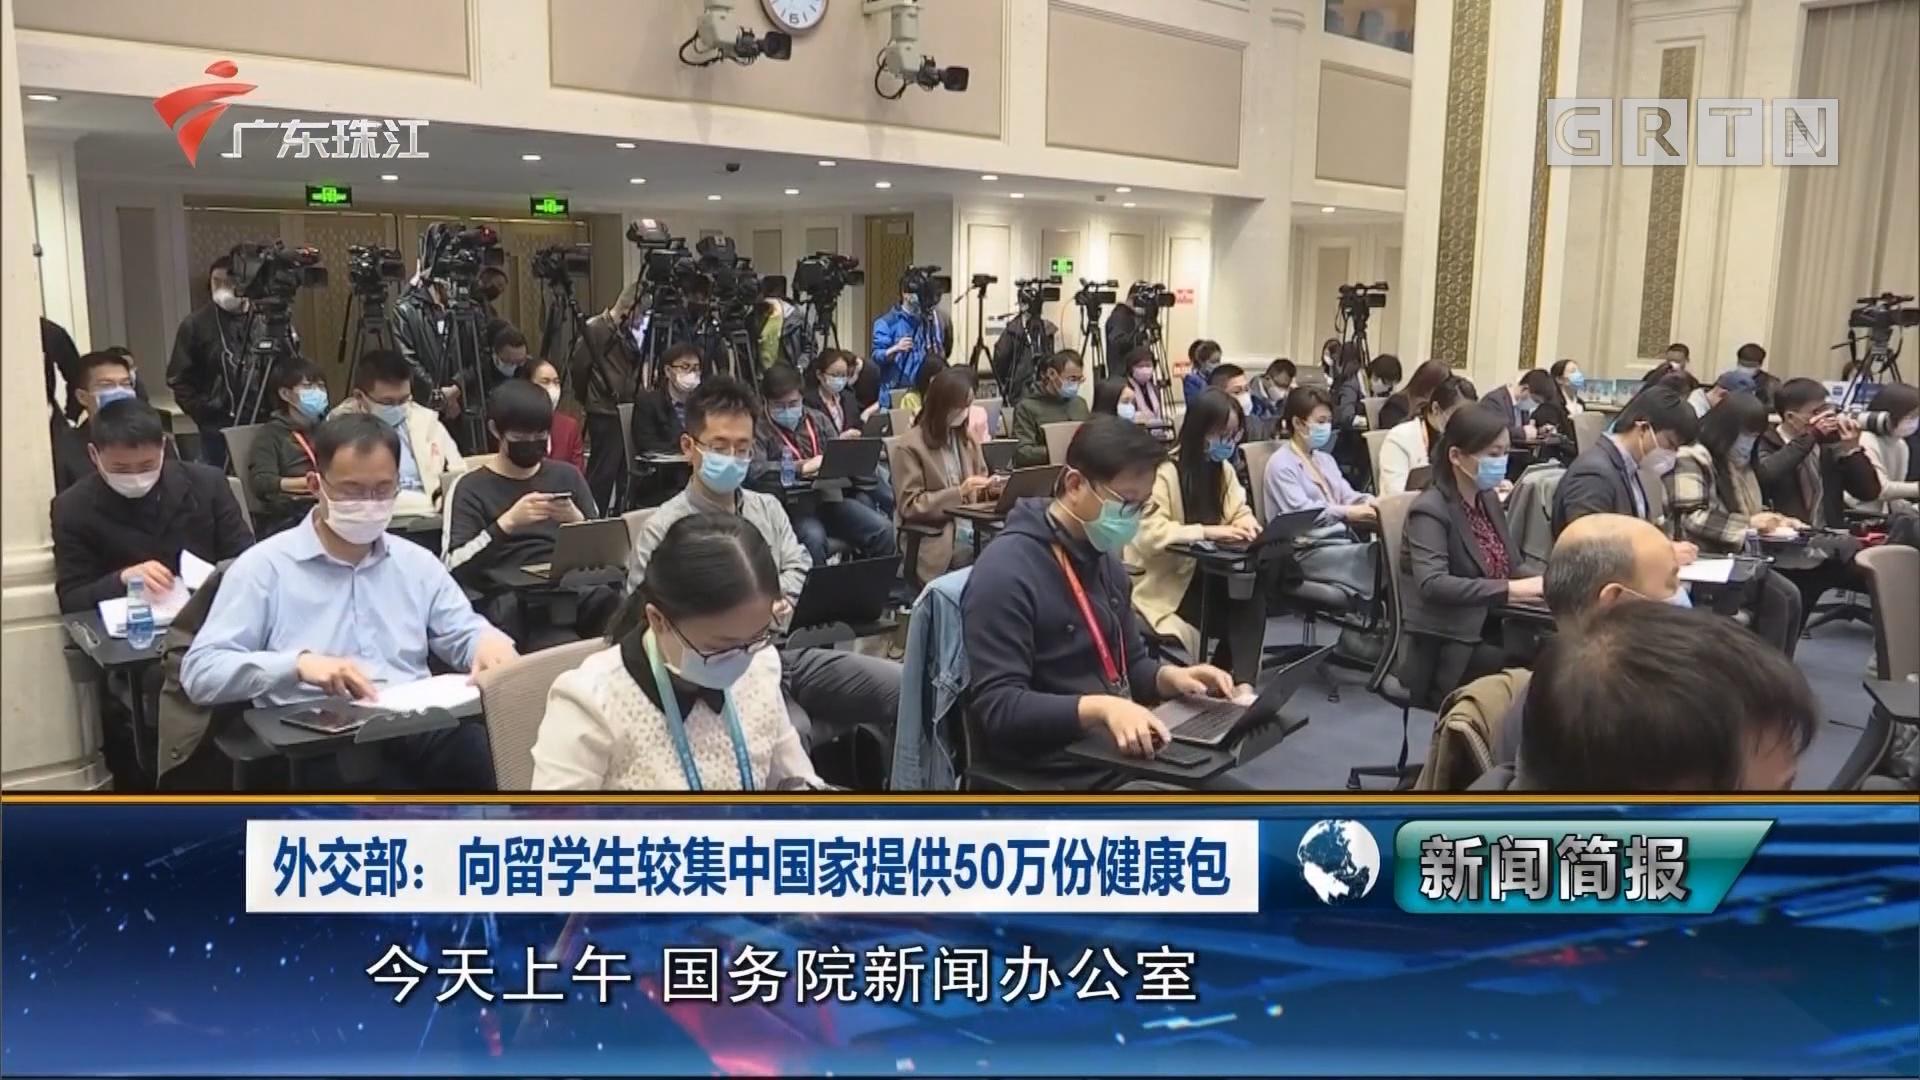 外交部:向留学生较集中国家提供50万份健康包